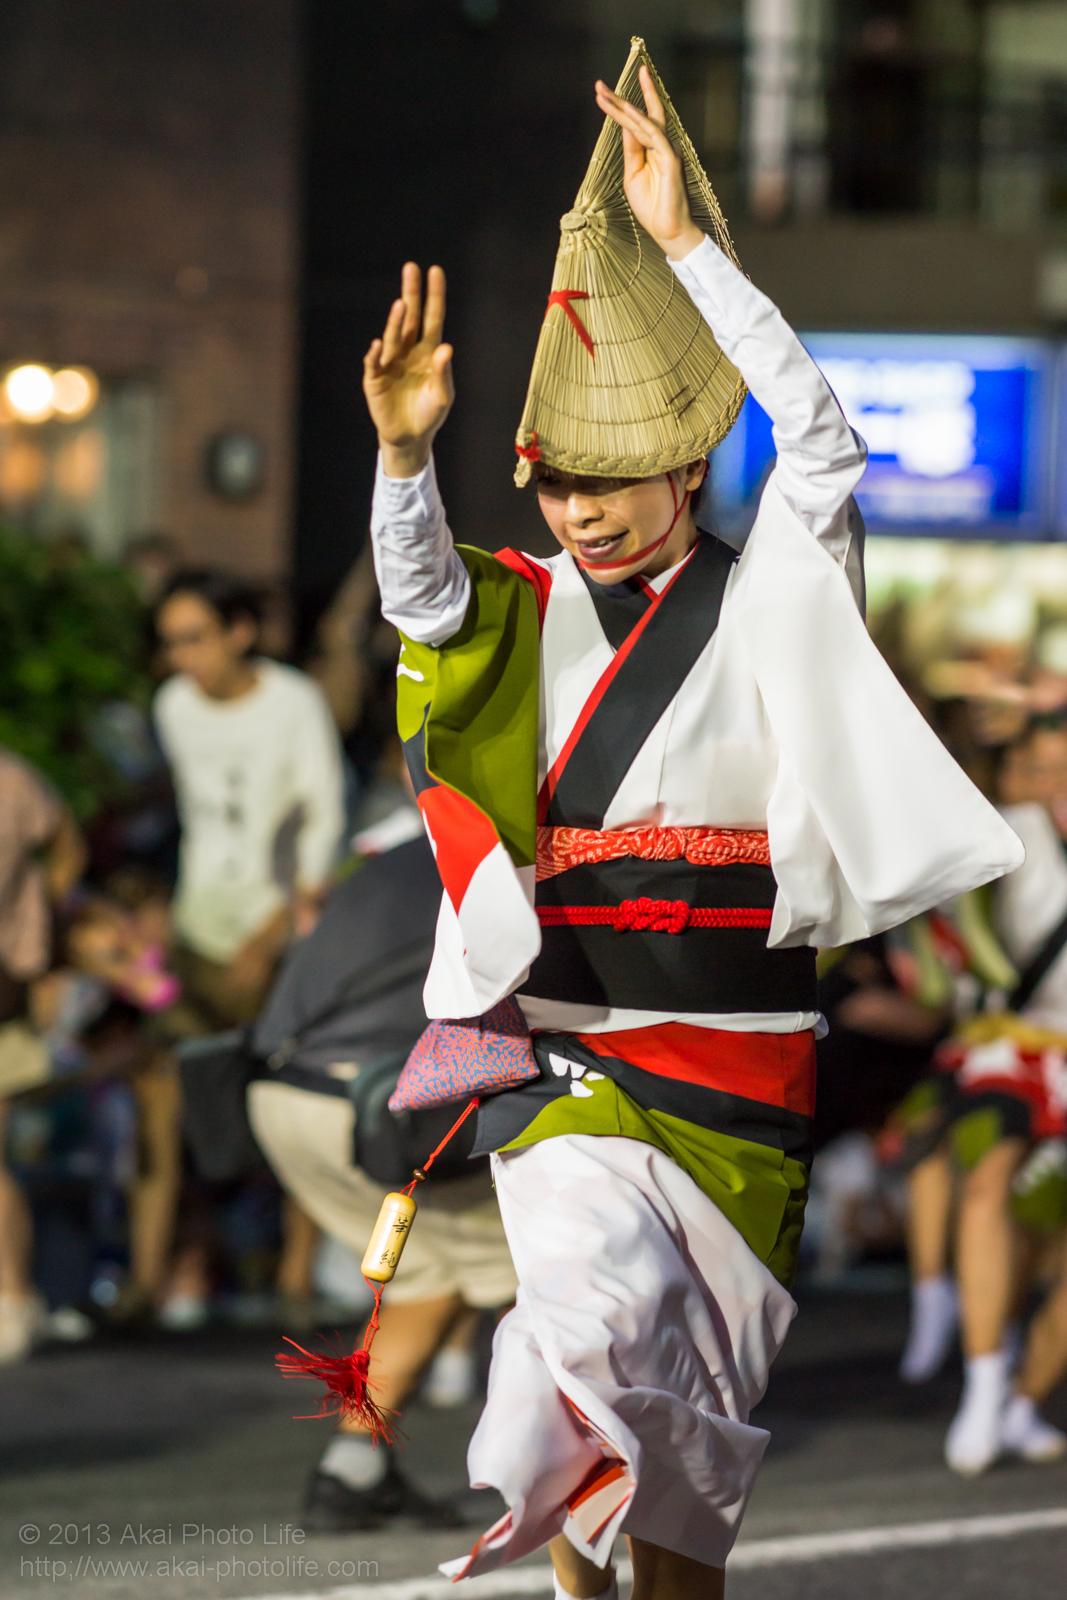 高円寺阿波踊り 華純連の女踊り